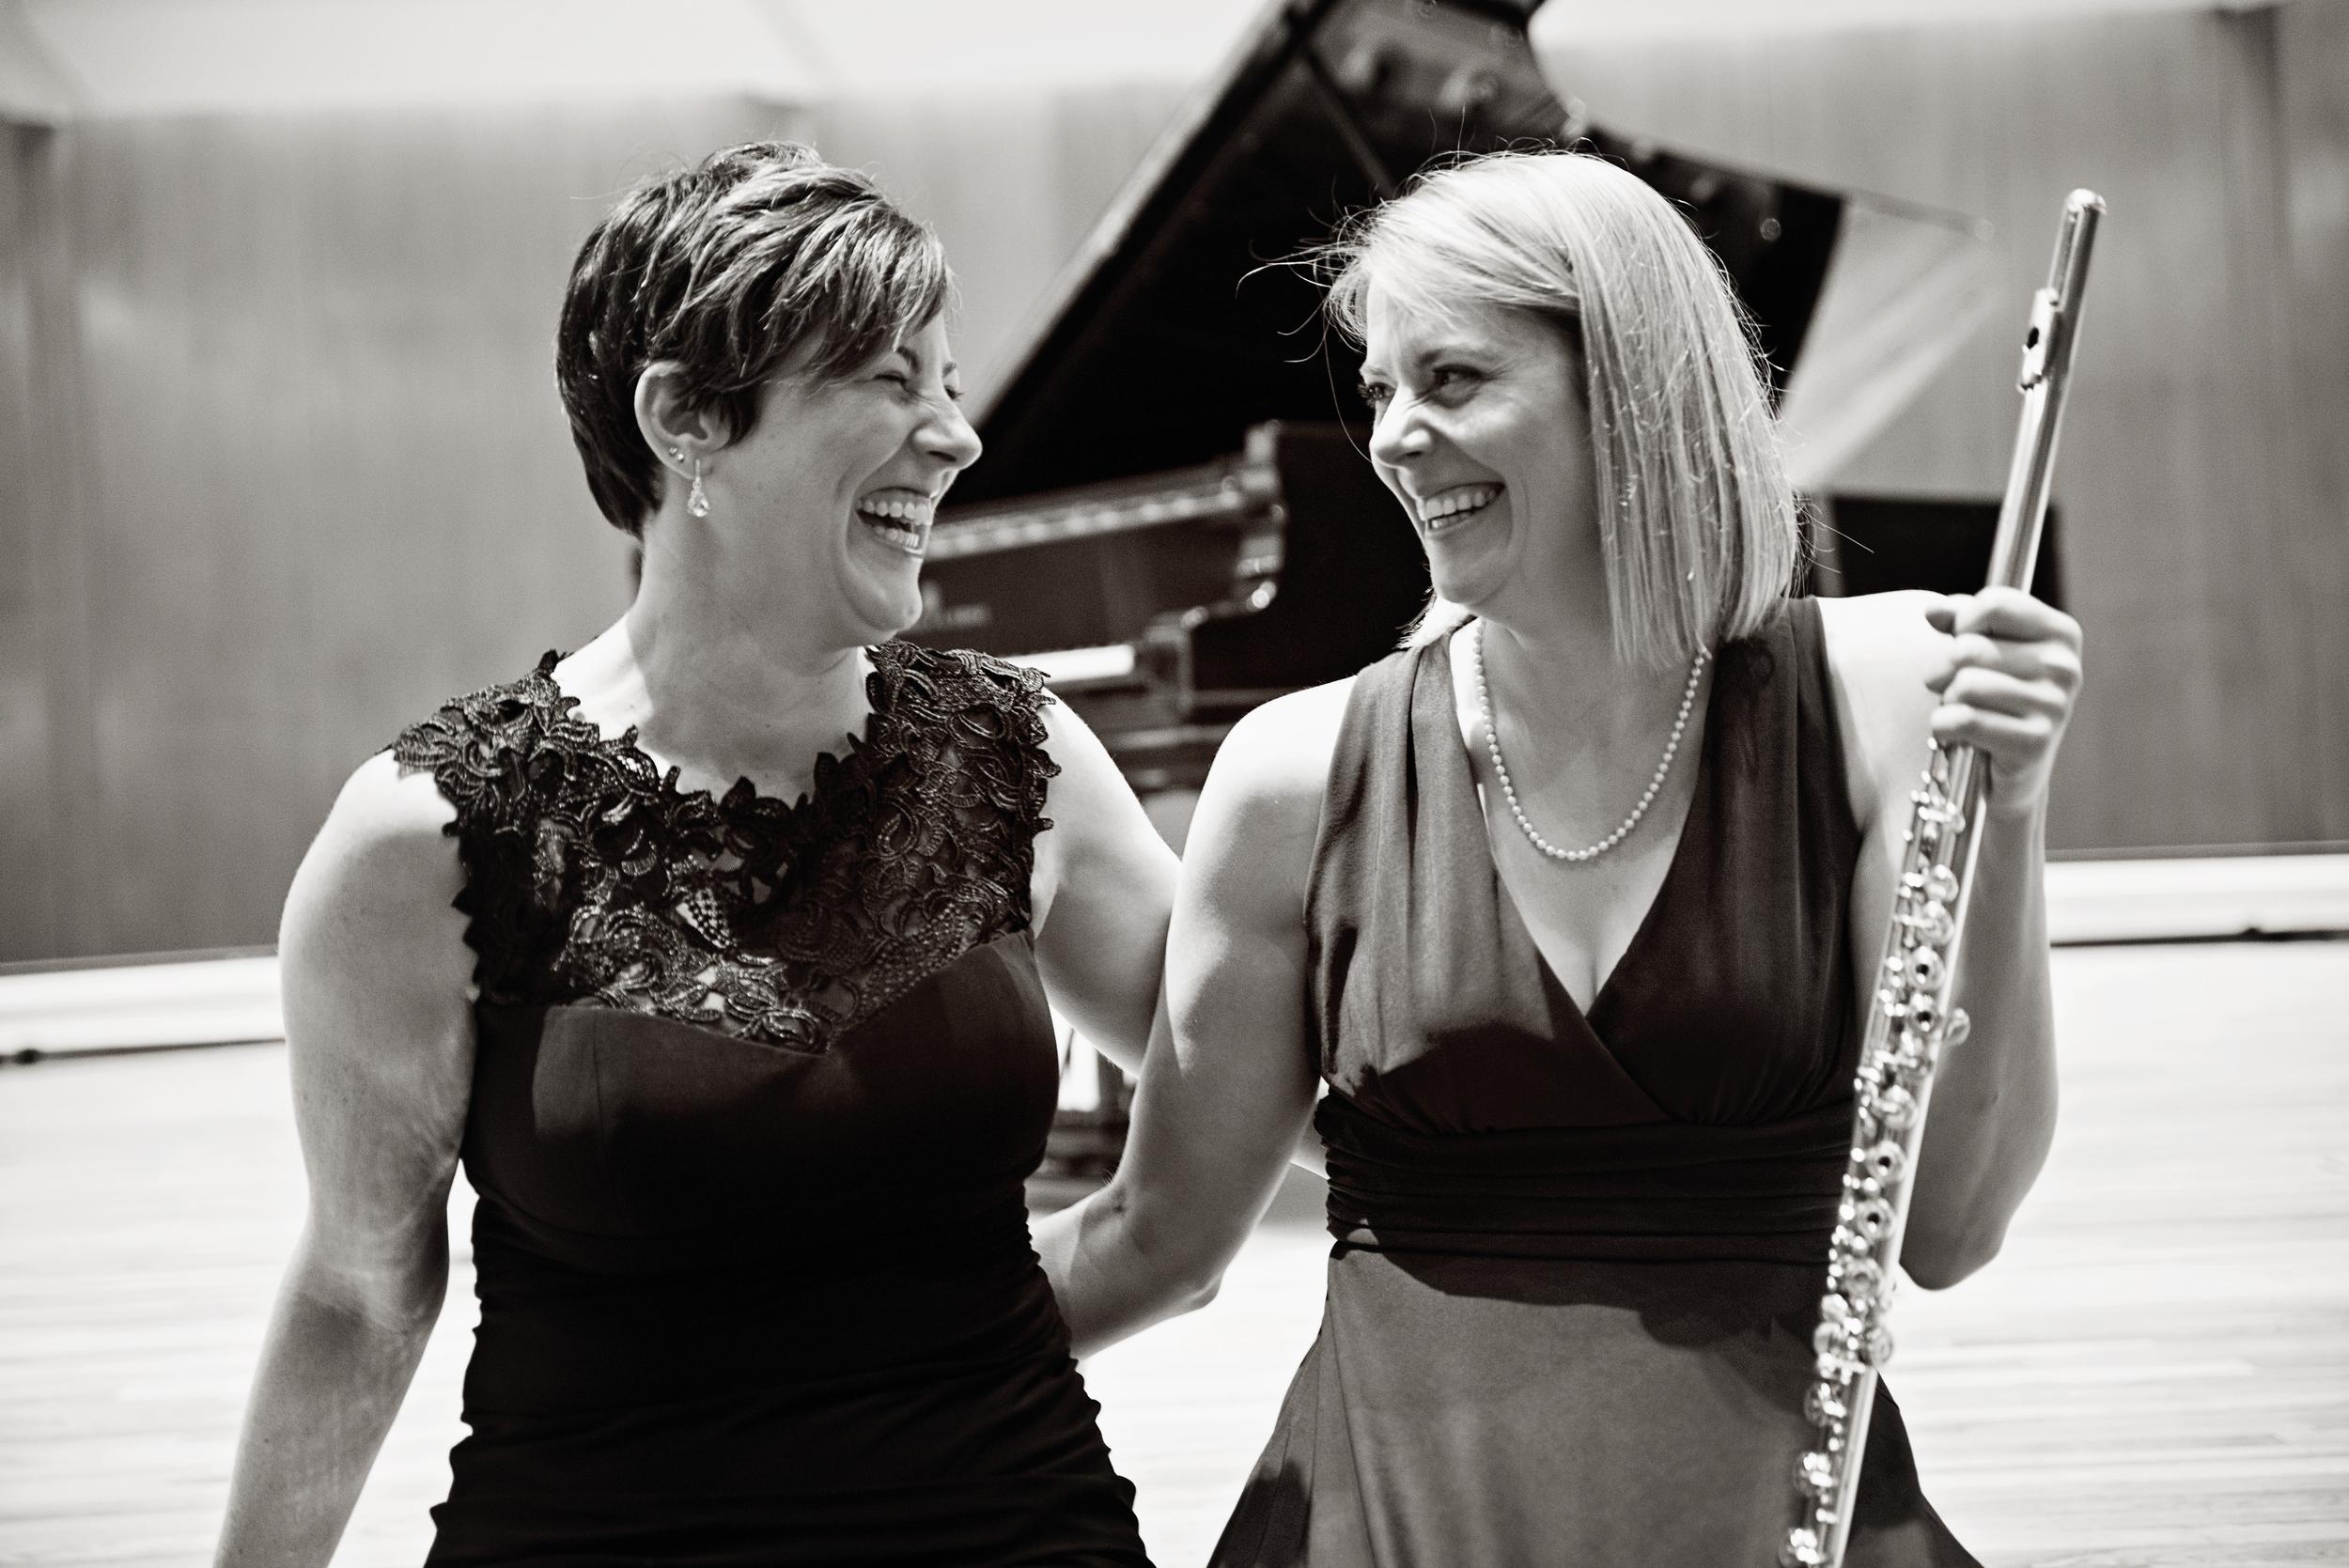 Cara Chowning and Rebecca Johnson, 2014